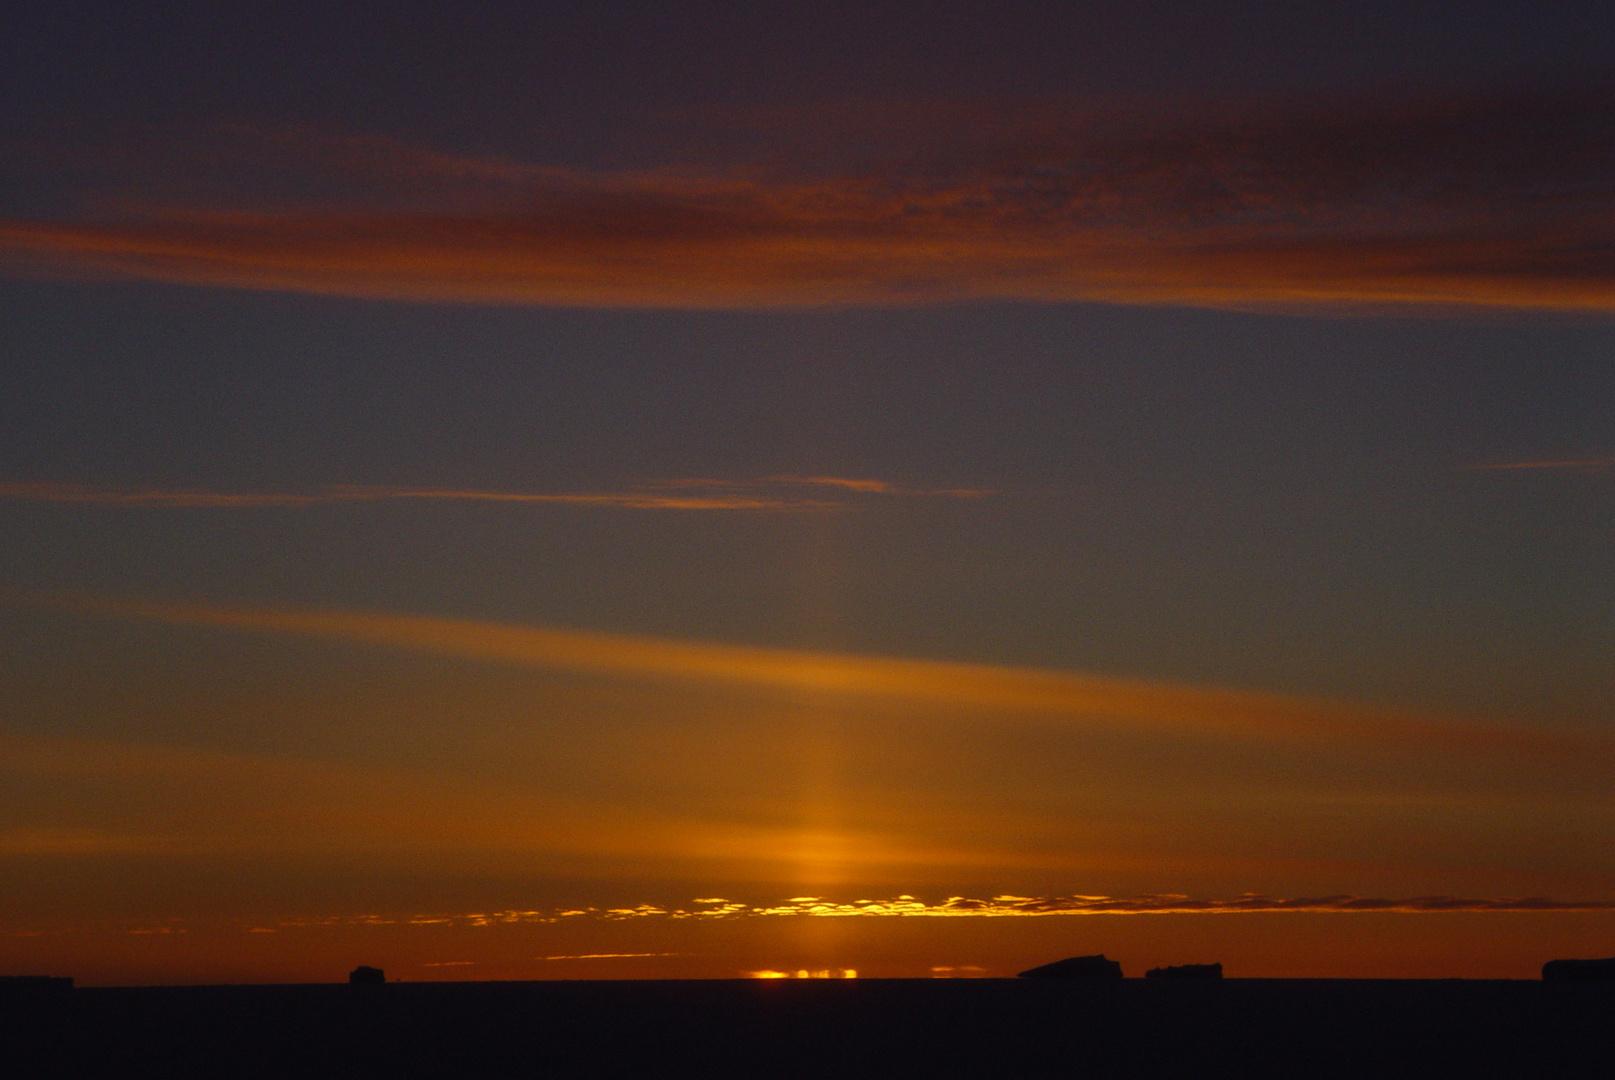 coucher de soleil et dernier rayon